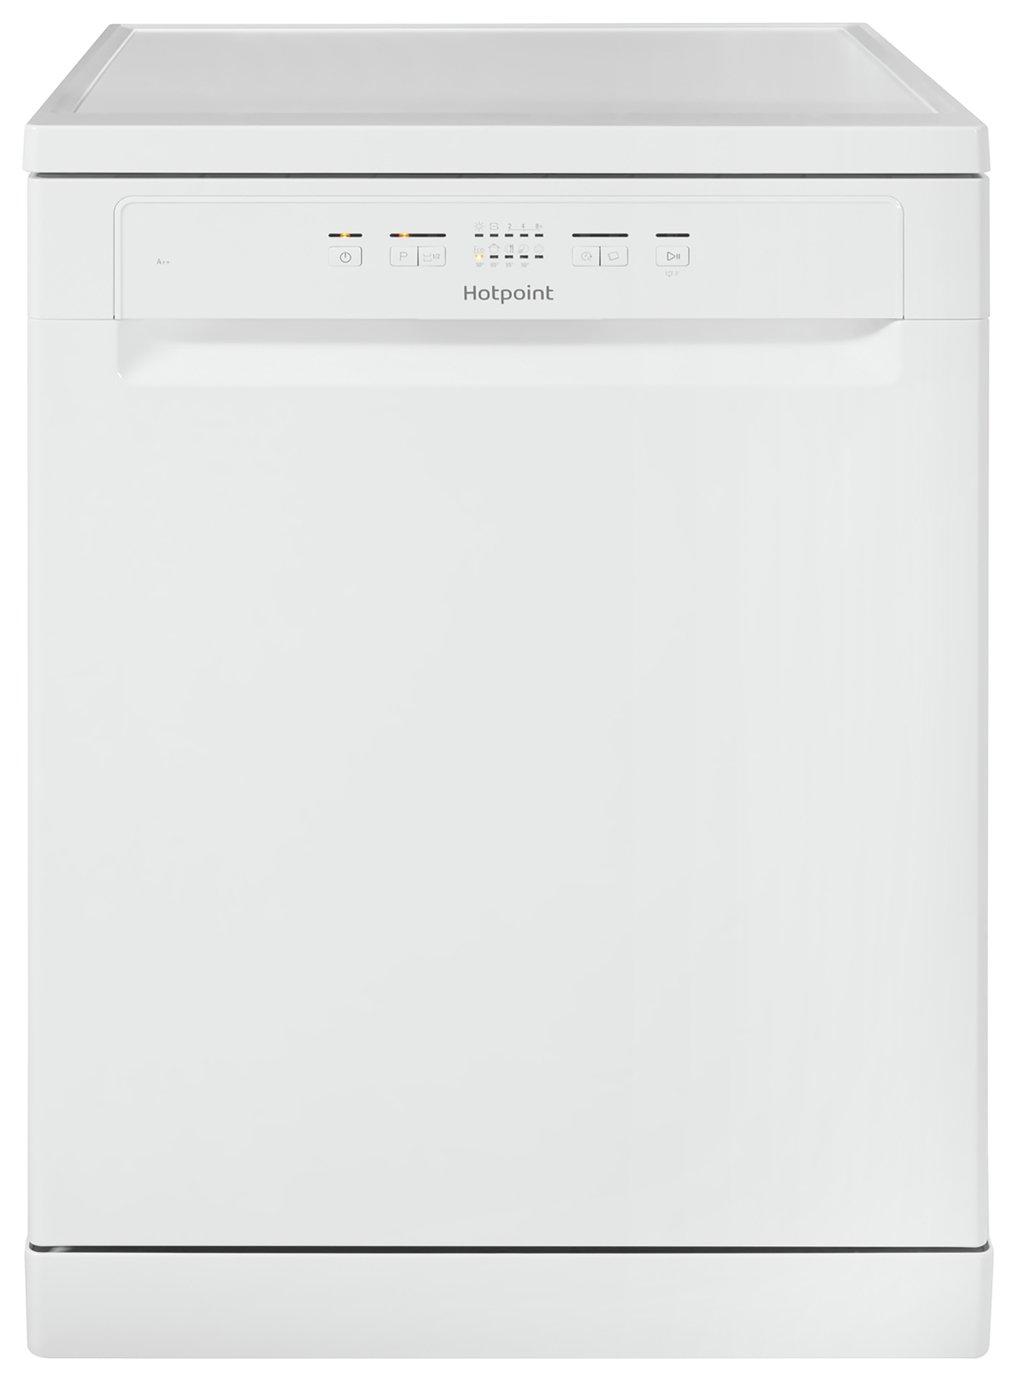 Hotpoint HFC2B+26C Full Size Dishwasher - White